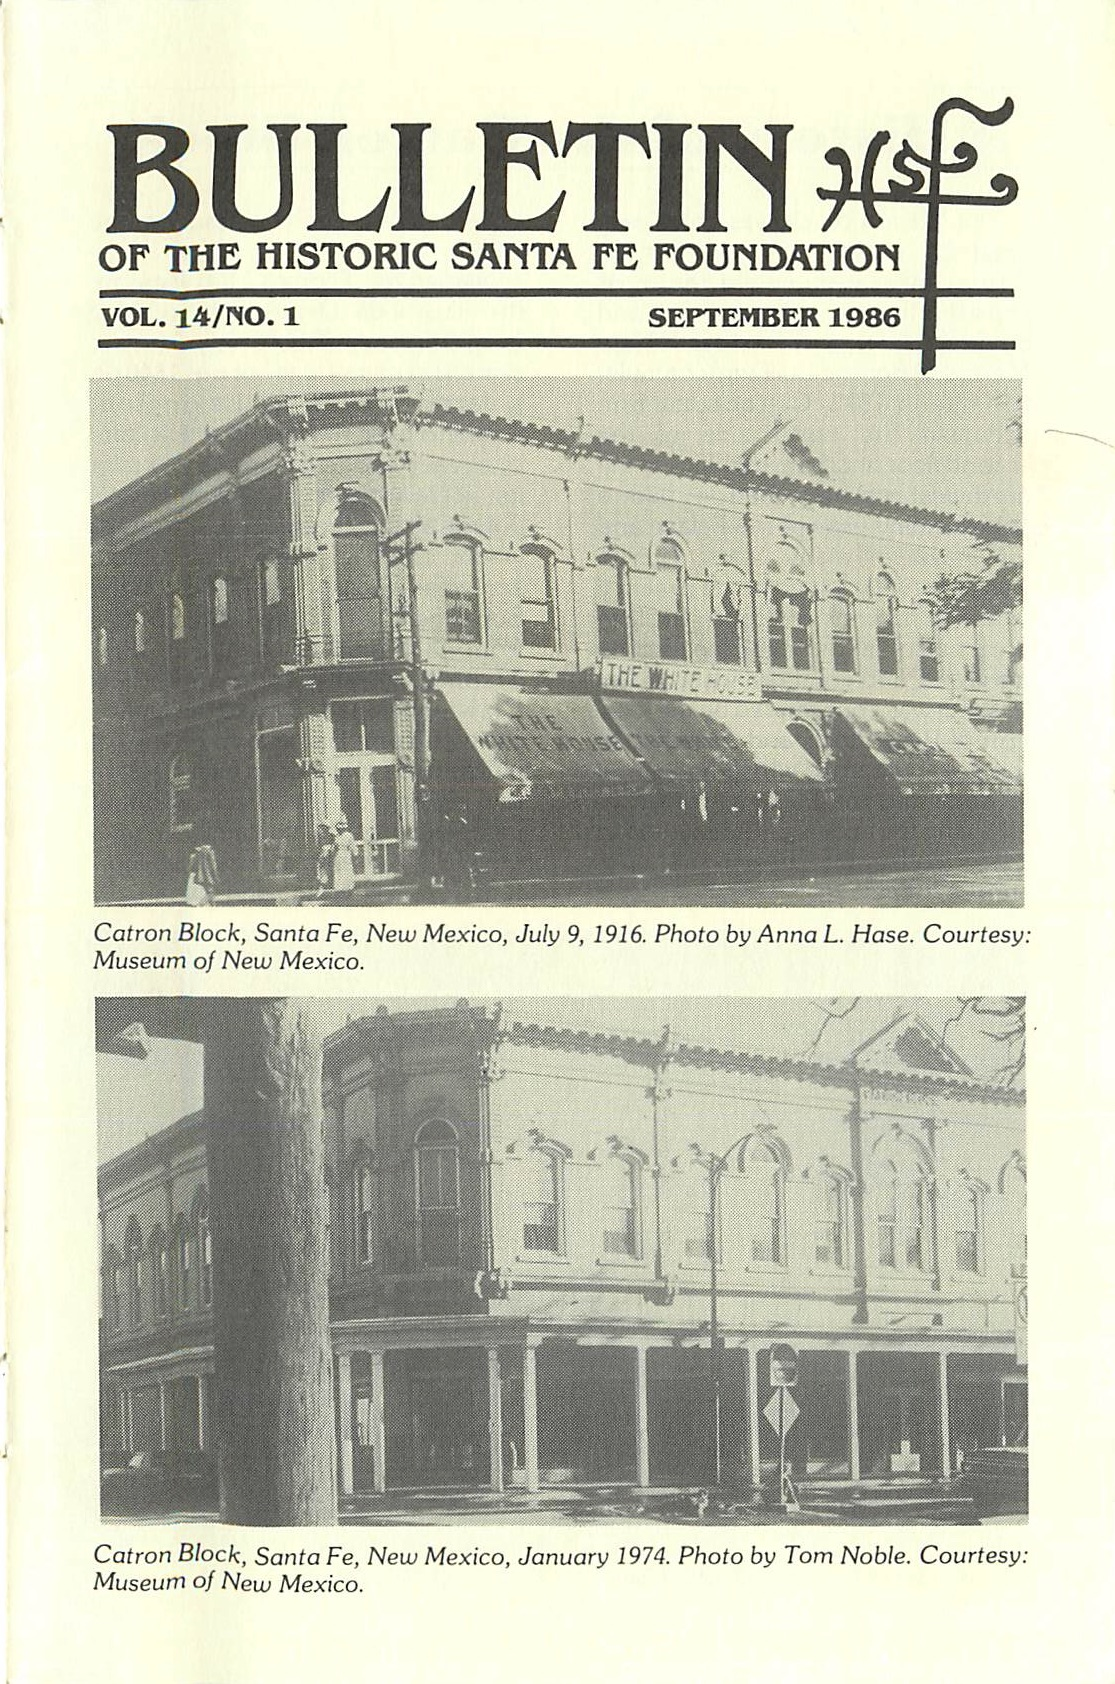 1986 HSFF Bulletin Vol.14 No.1 Cover